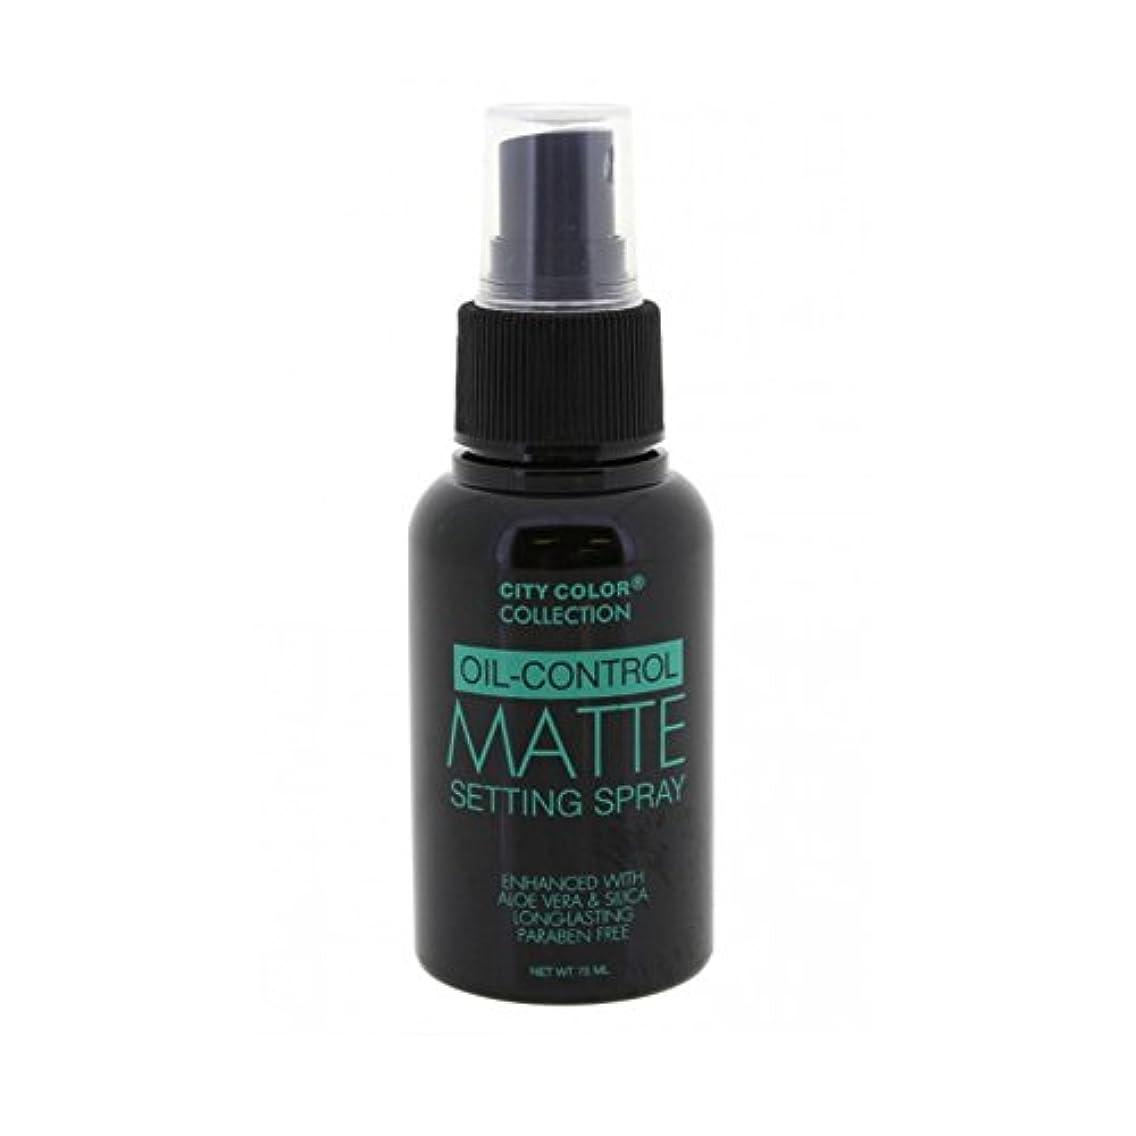 ユダヤ人計器報酬の(3 Pack) CITY COLOR Oil-Control Matte Setting Spray (並行輸入品)